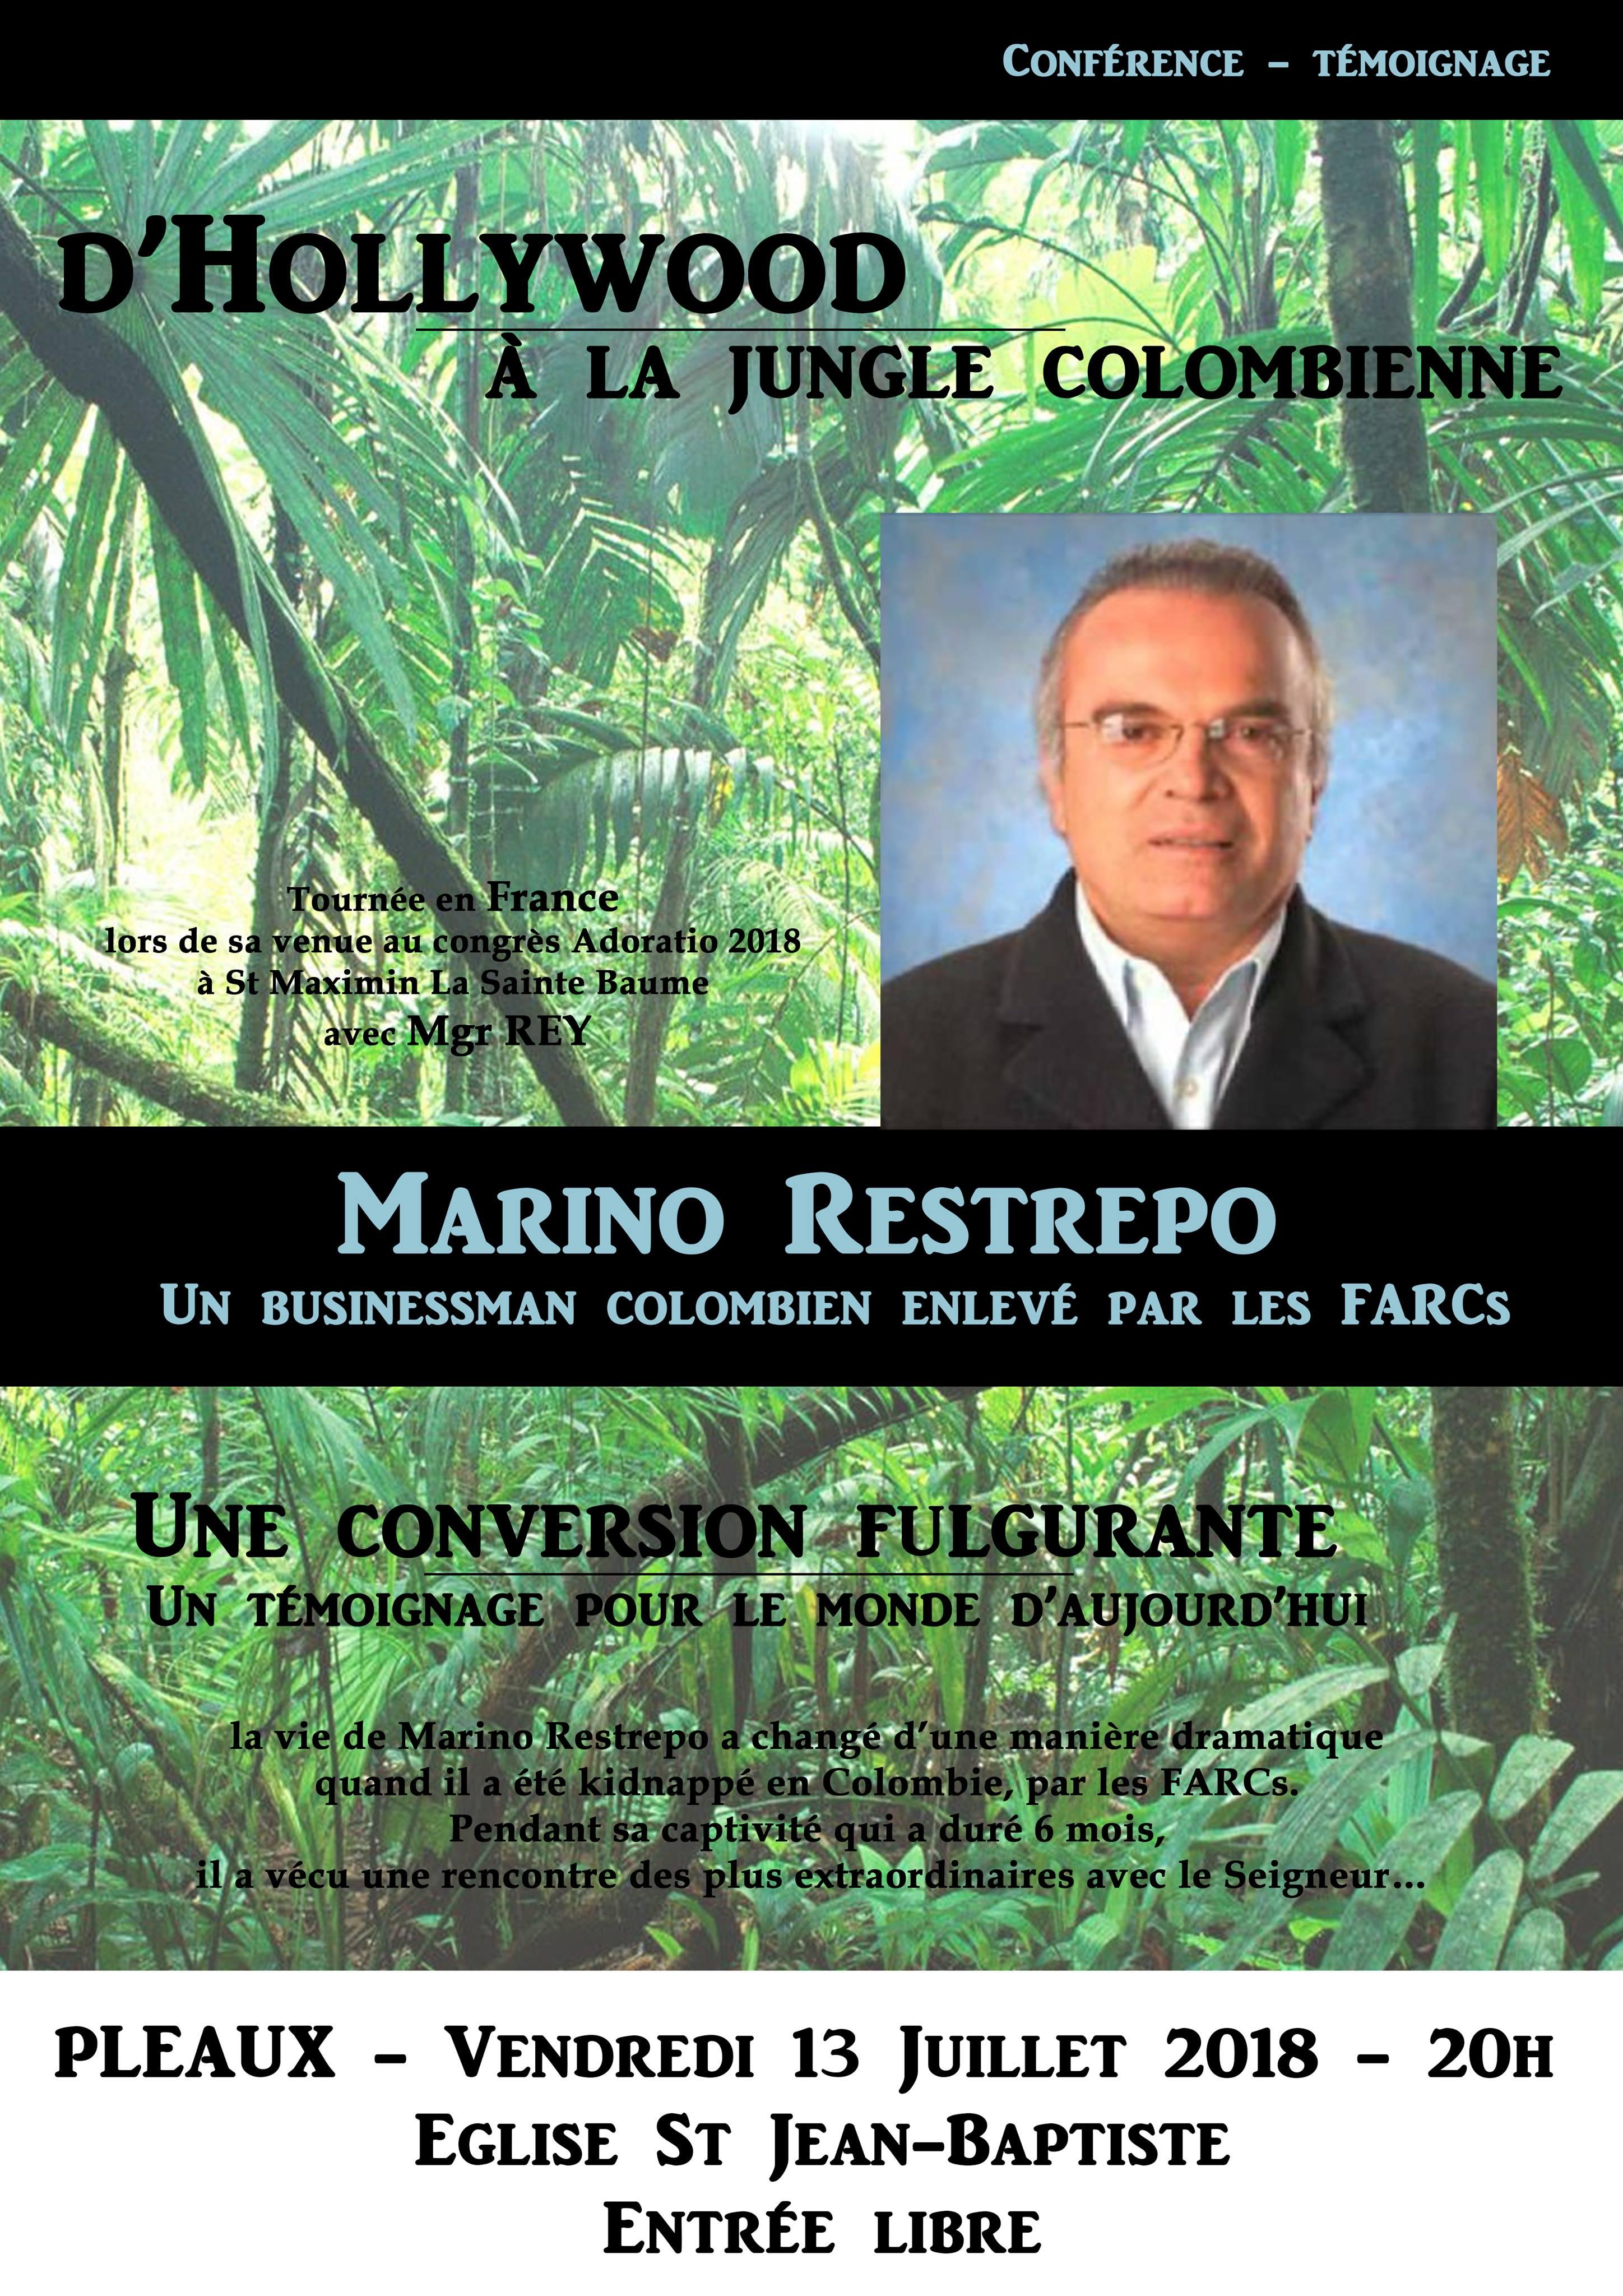 D'Hollywood à la jungle colombienne – Témoignage de Marino Restrepo le 13 juillet 2018 à Pleaux (15)